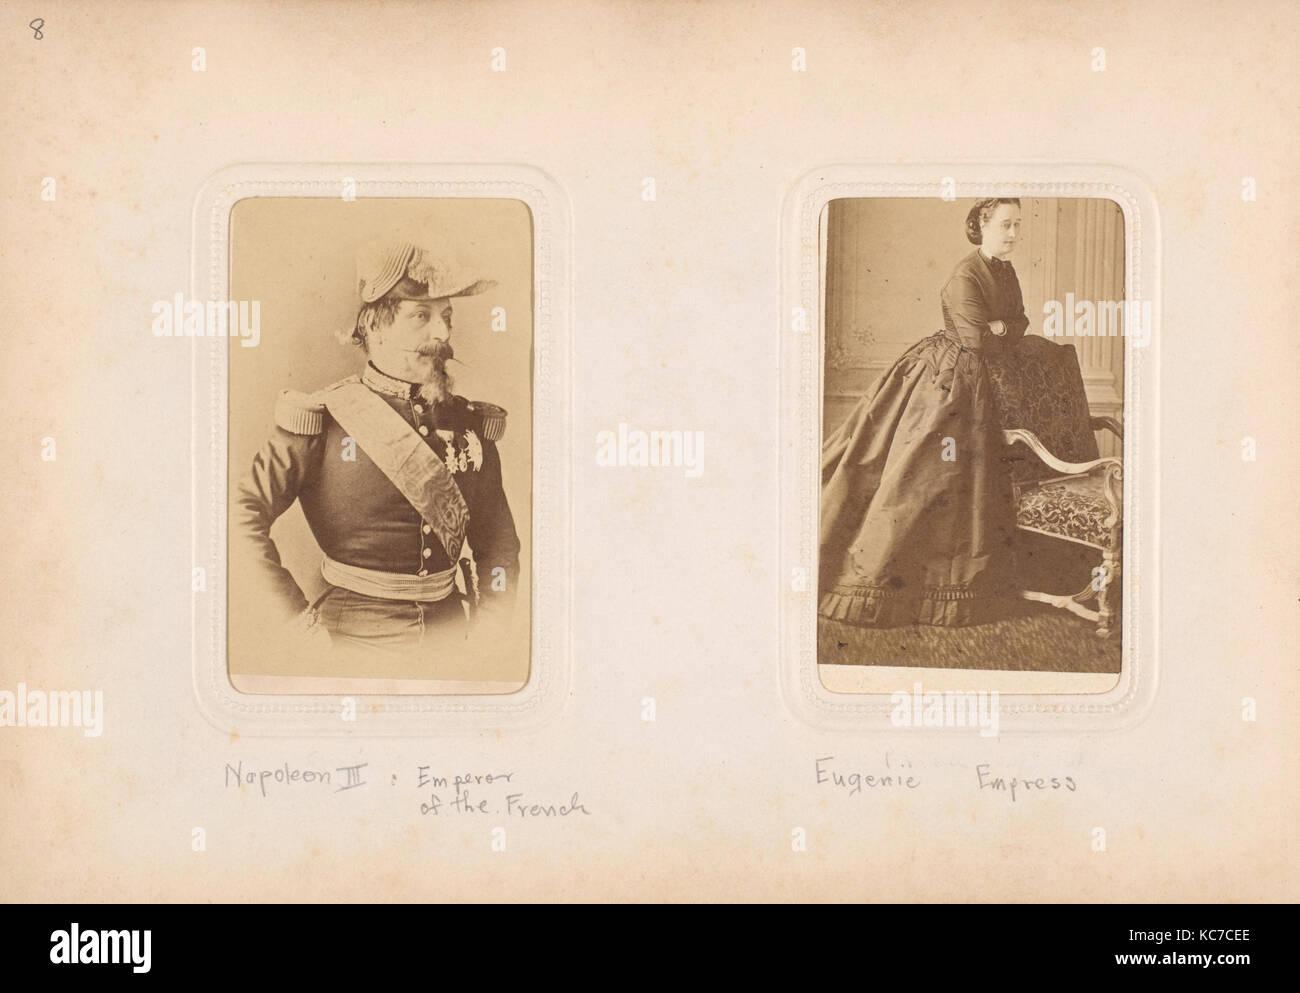 Carte-de-Visite Album of Prominent Personages, Mayer & Pierson, 1860s–70s - Stock Image